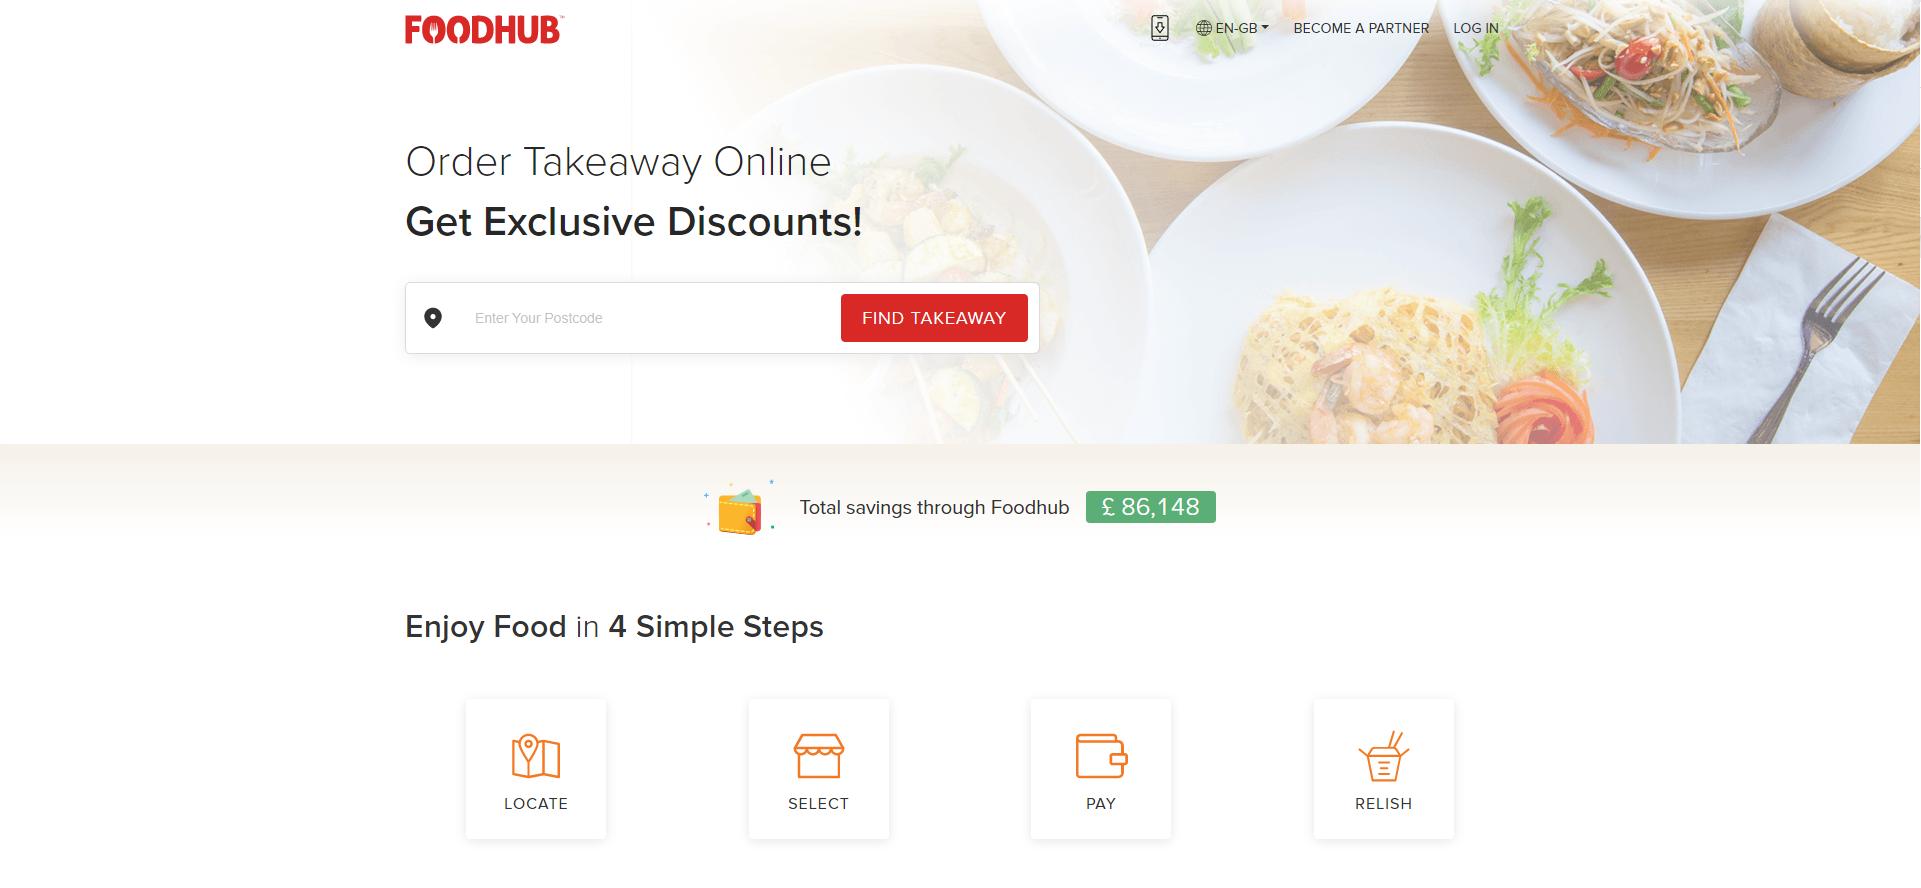 foodhub website image